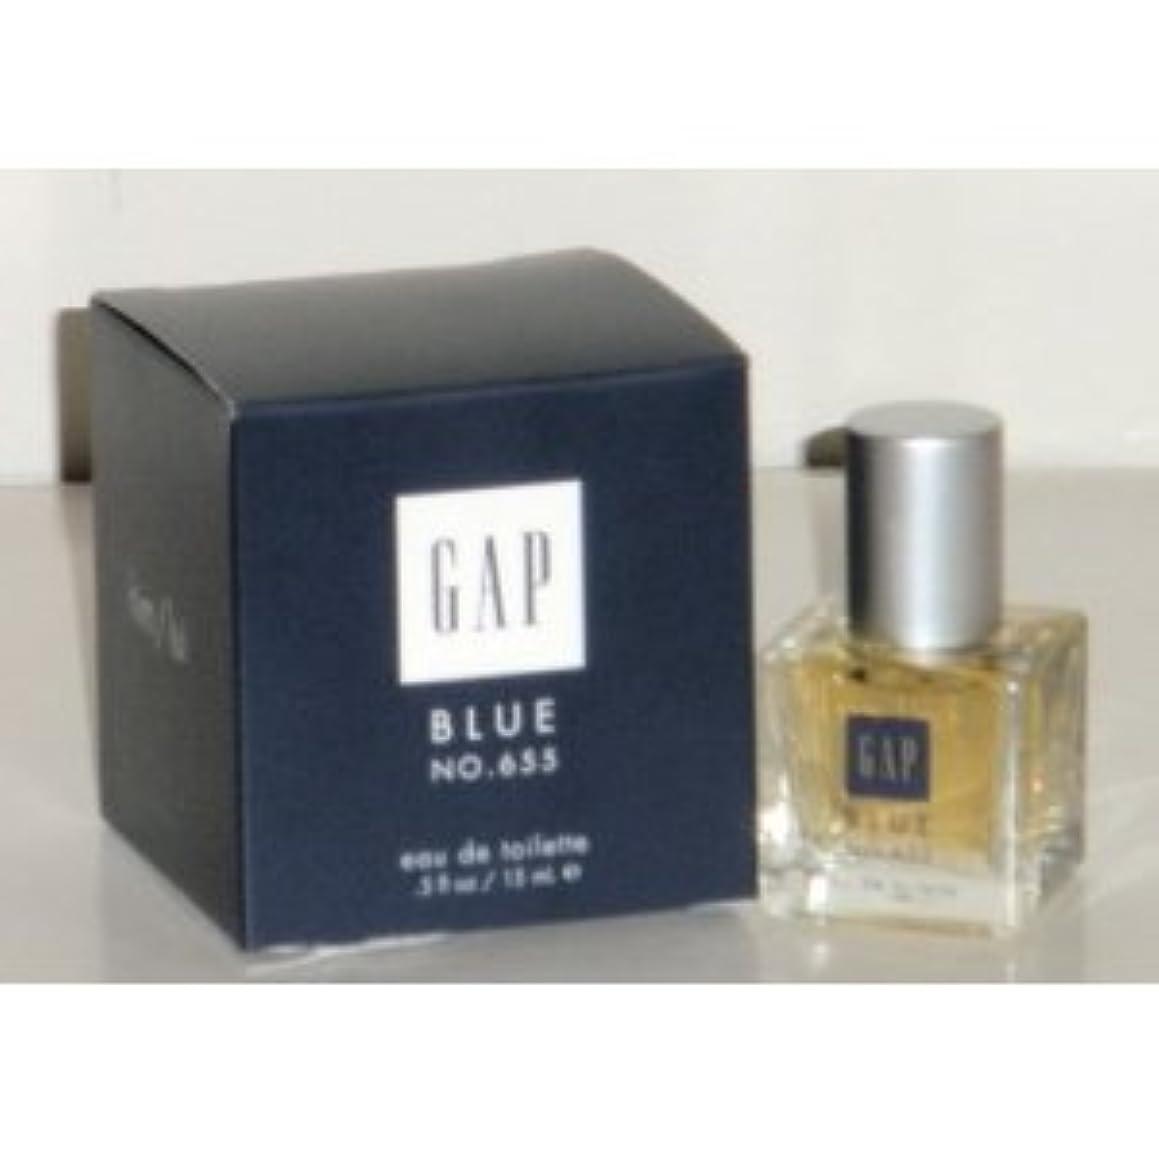 不器用負担厳Gap Blue No. 655 (ギャップブルーNo. 655 ) for Him 0.5 oz (15ml) EDT Spray by Gap for Men